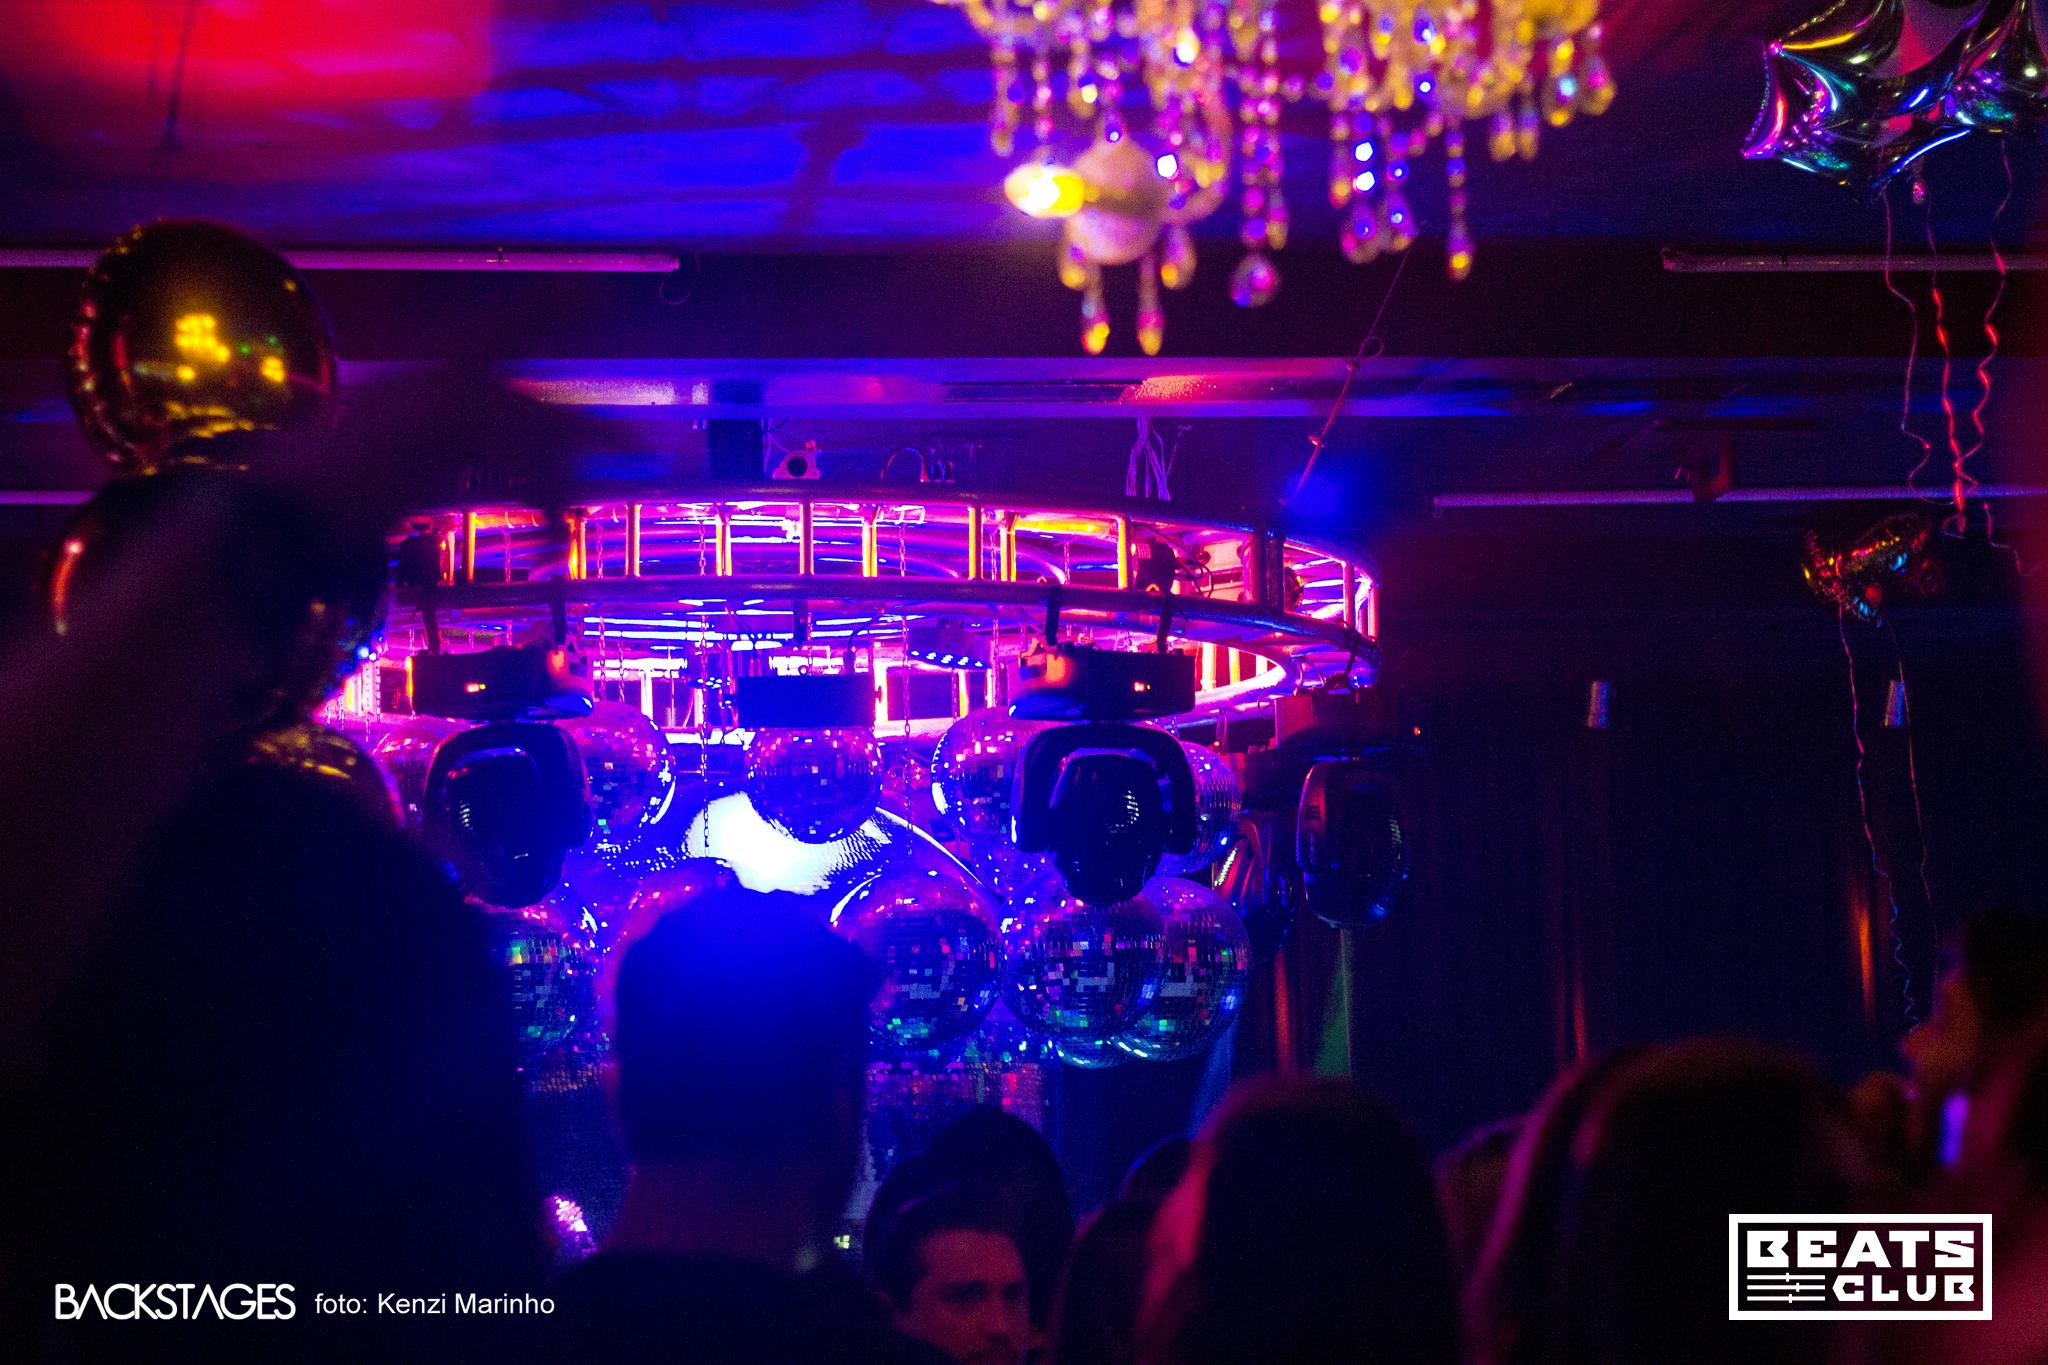 Beats Club - Inauguração 06.05.2017 - Kenzi Marinho (66)